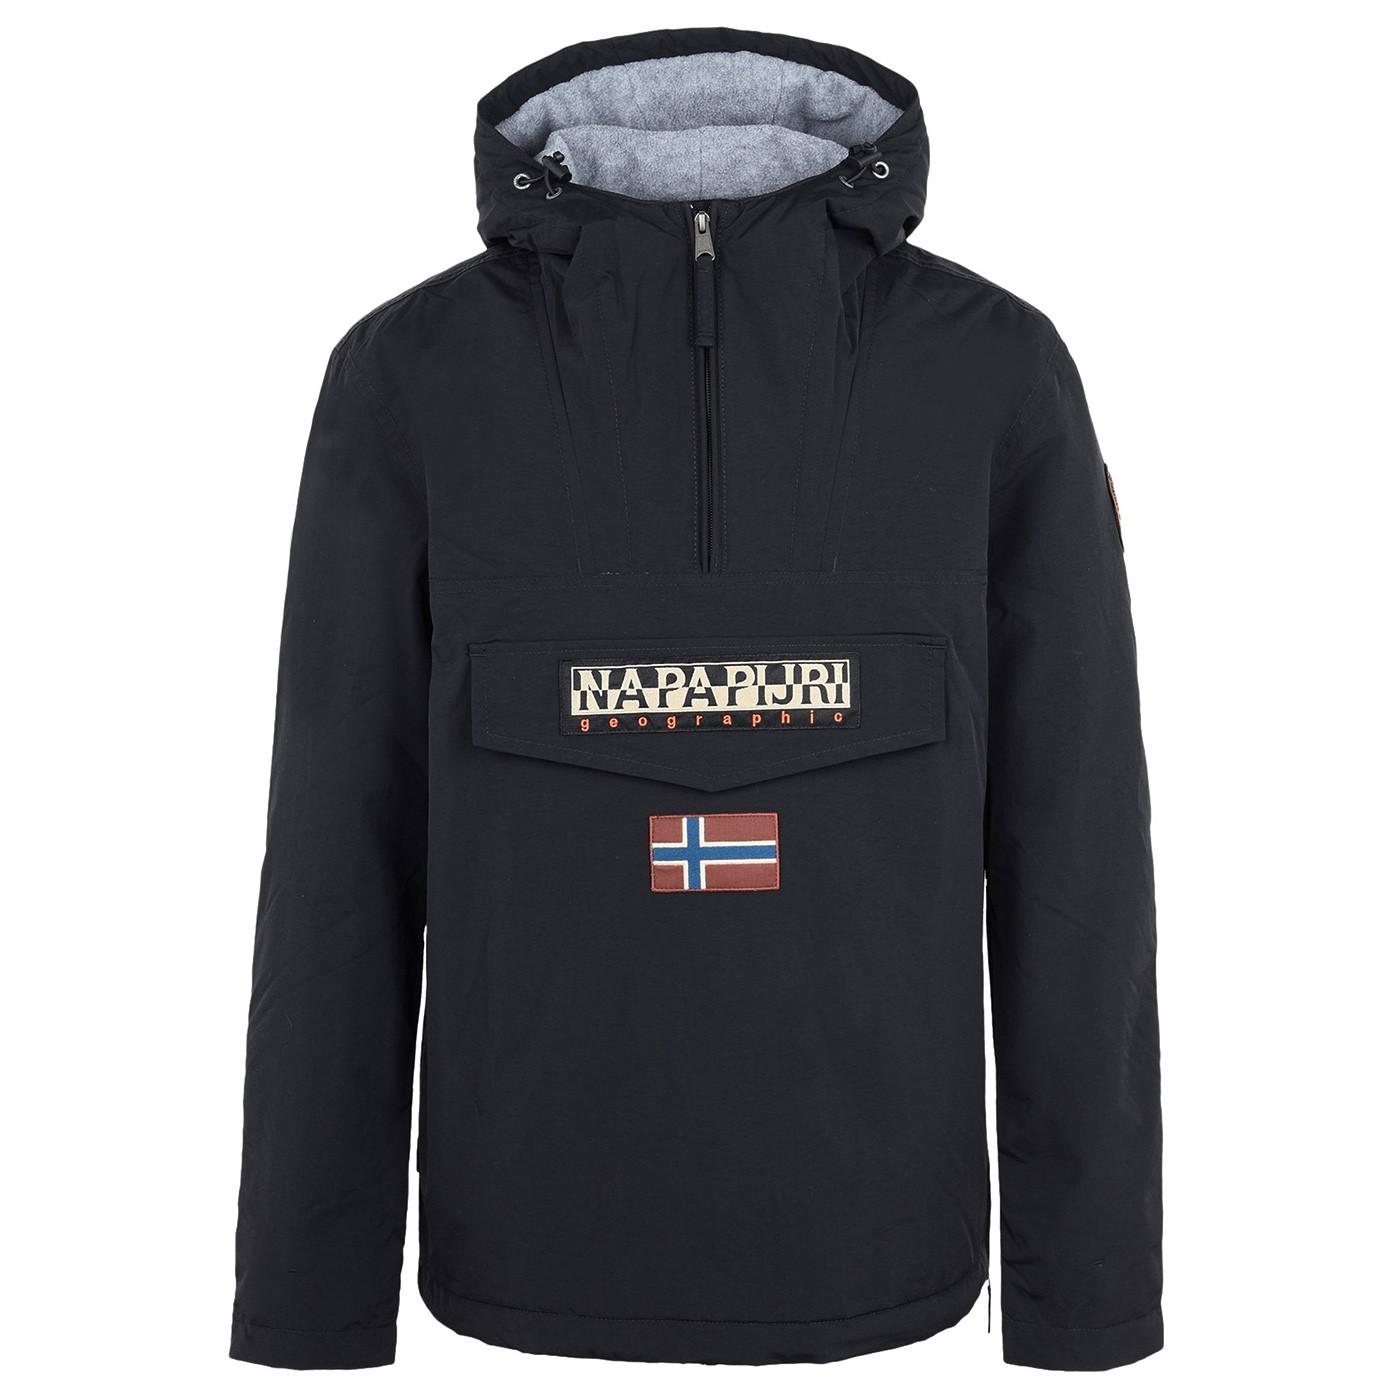 Prezzi Abbigliamento giacche shop online giubbotti e uomo q57xR5I